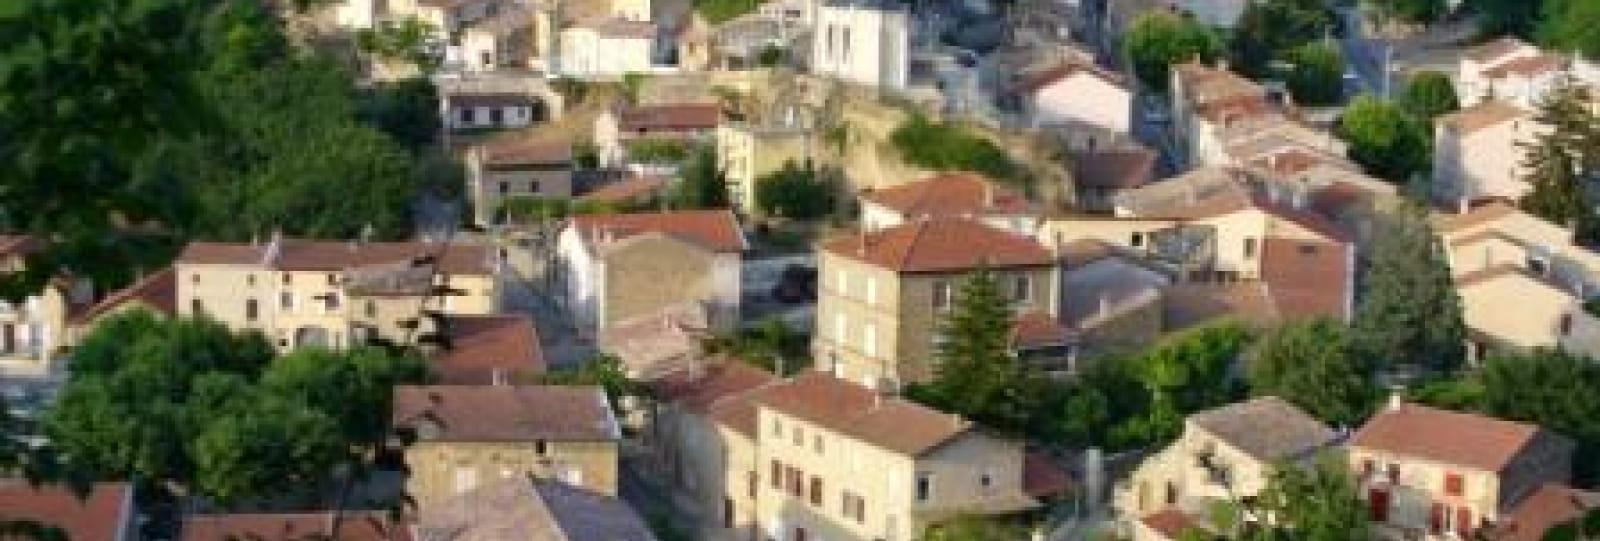 Village de Châteauneuf-sur-Isère